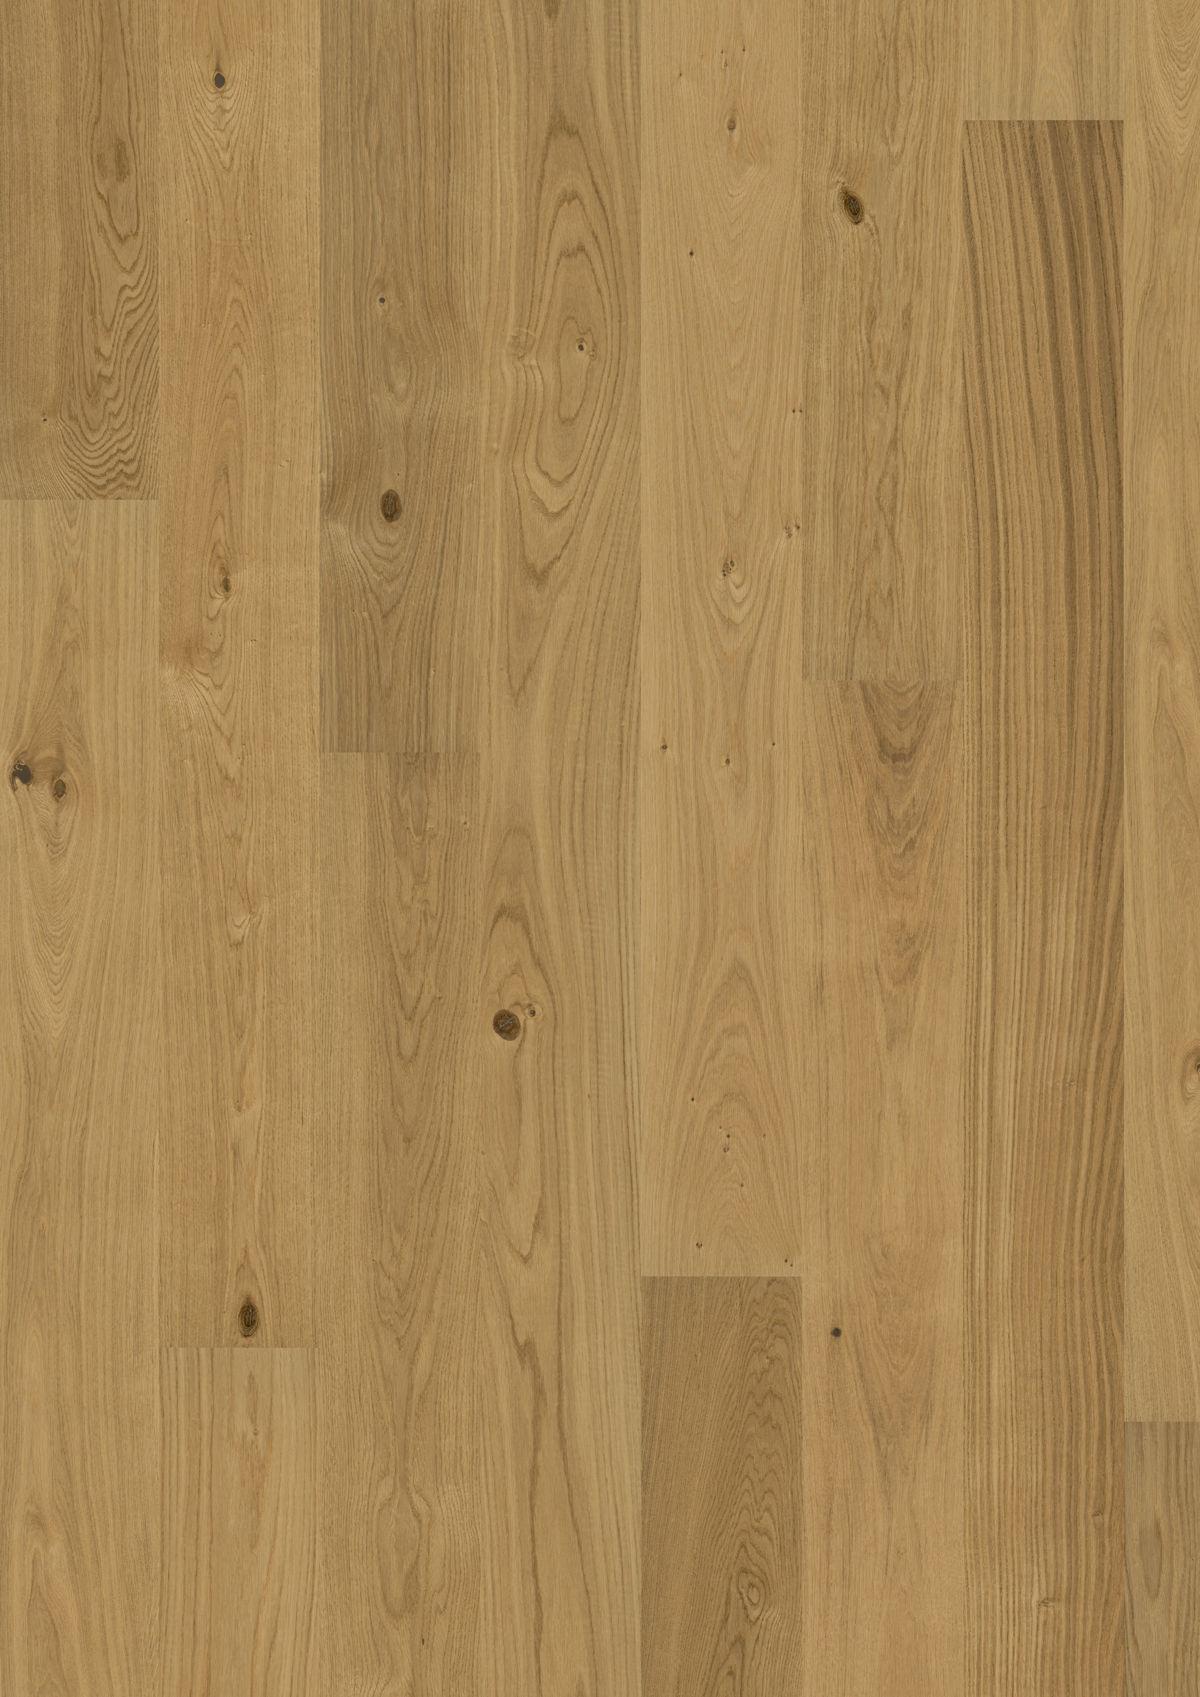 Kahrs oak staffordshire engineered wood flooring for Kahrs hardwood flooring